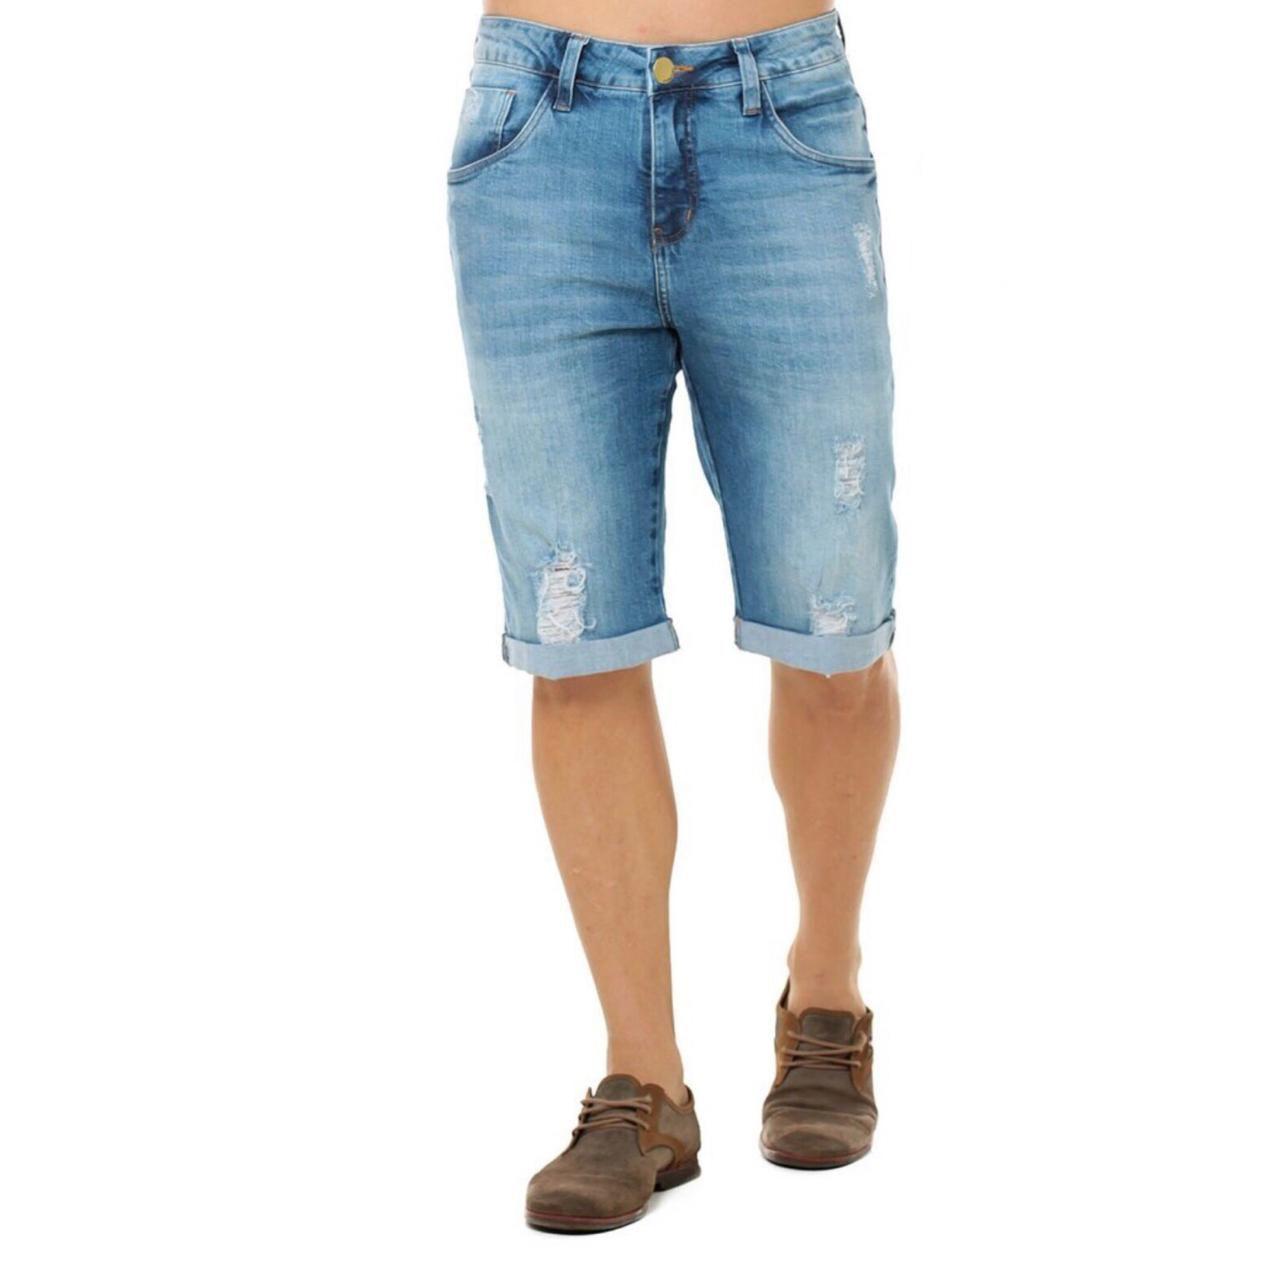 b52ca7a79 Bermuda Jeans Masculina Eventual Mid Drop Eventual - Tequila Store